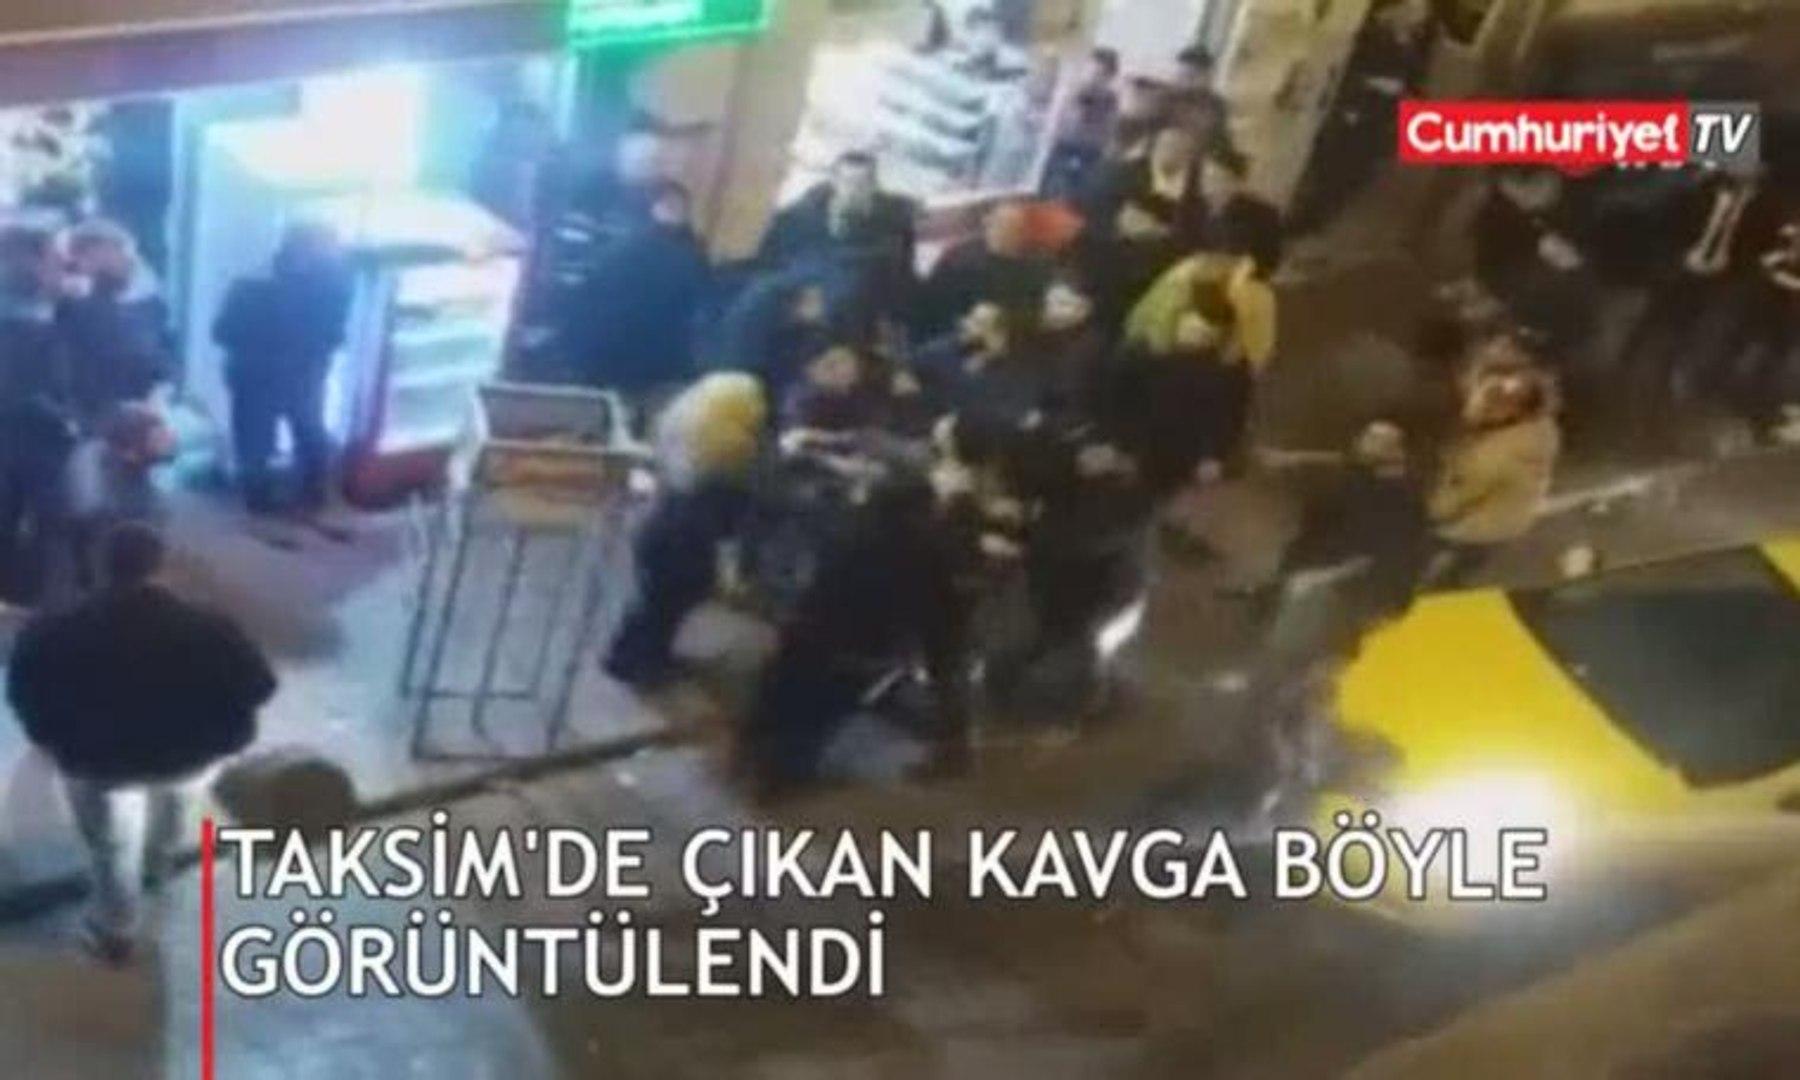 Taksim'de çıkan kavga cep telefonu kamerasında